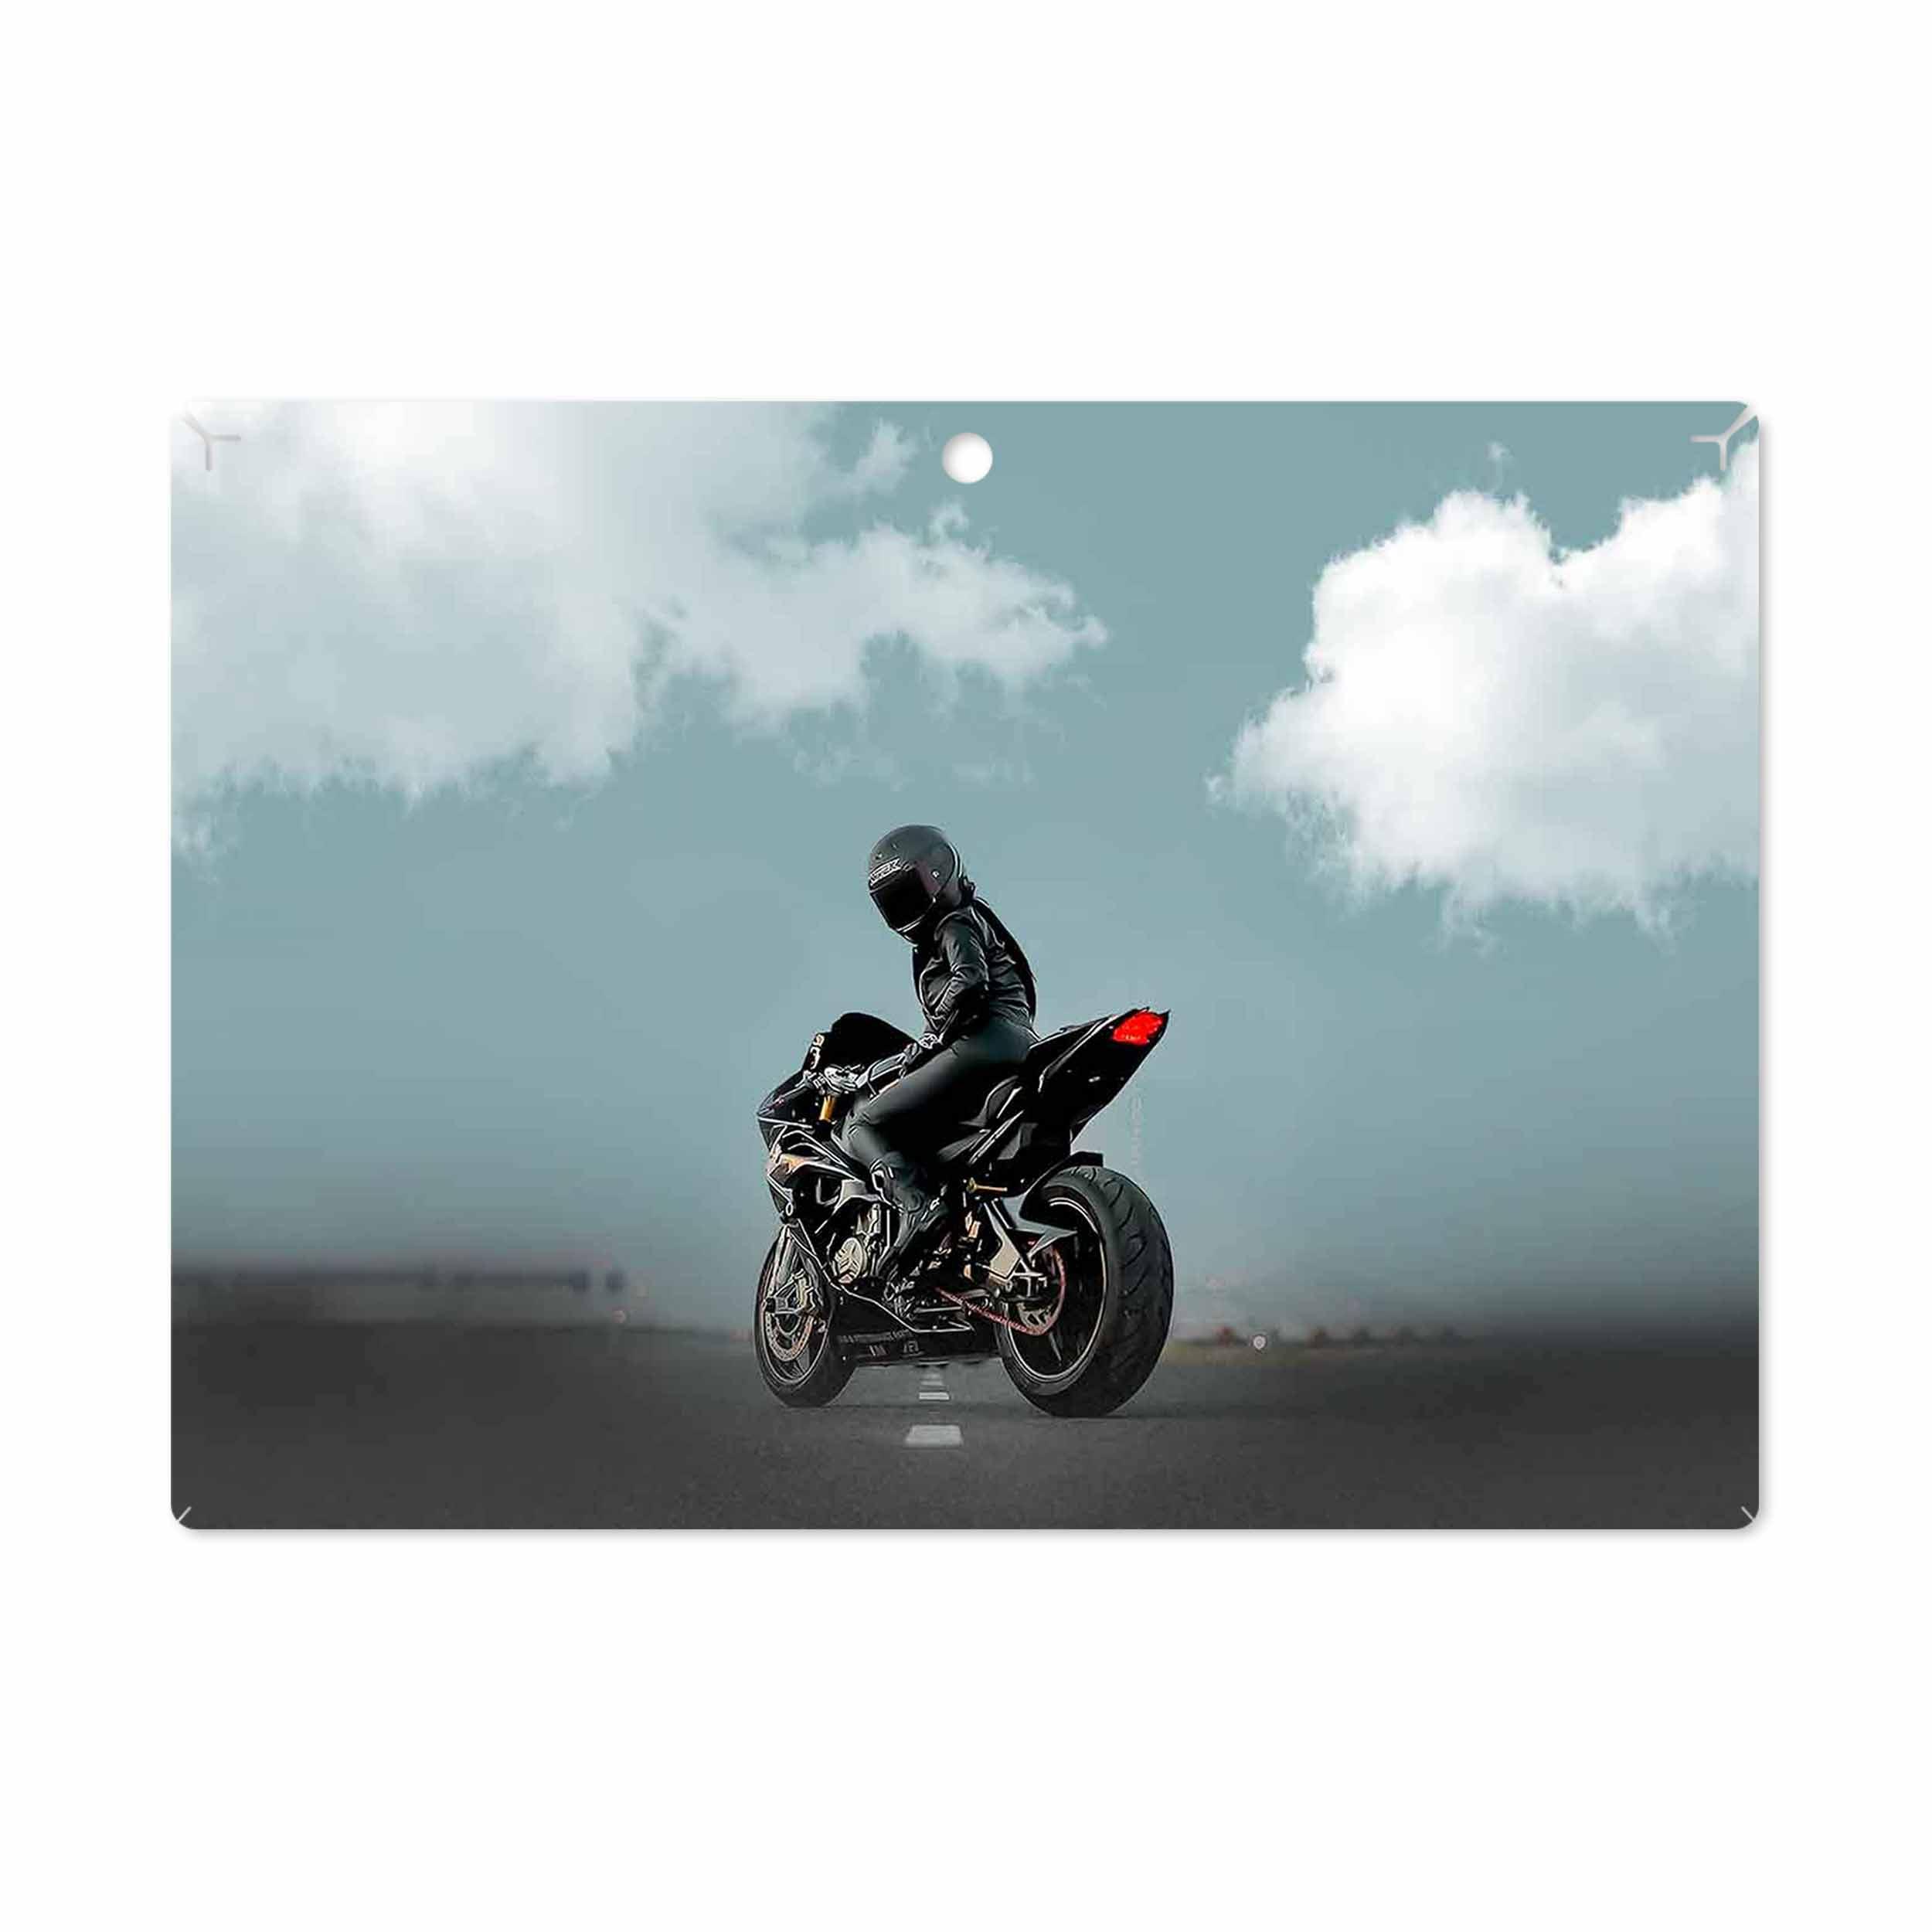 بررسی و خرید [با تخفیف]                                     برچسب پوششی ماهوت مدل Motorcycling مناسب برای تبلت لنوو Miix 320 2017                             اورجینال